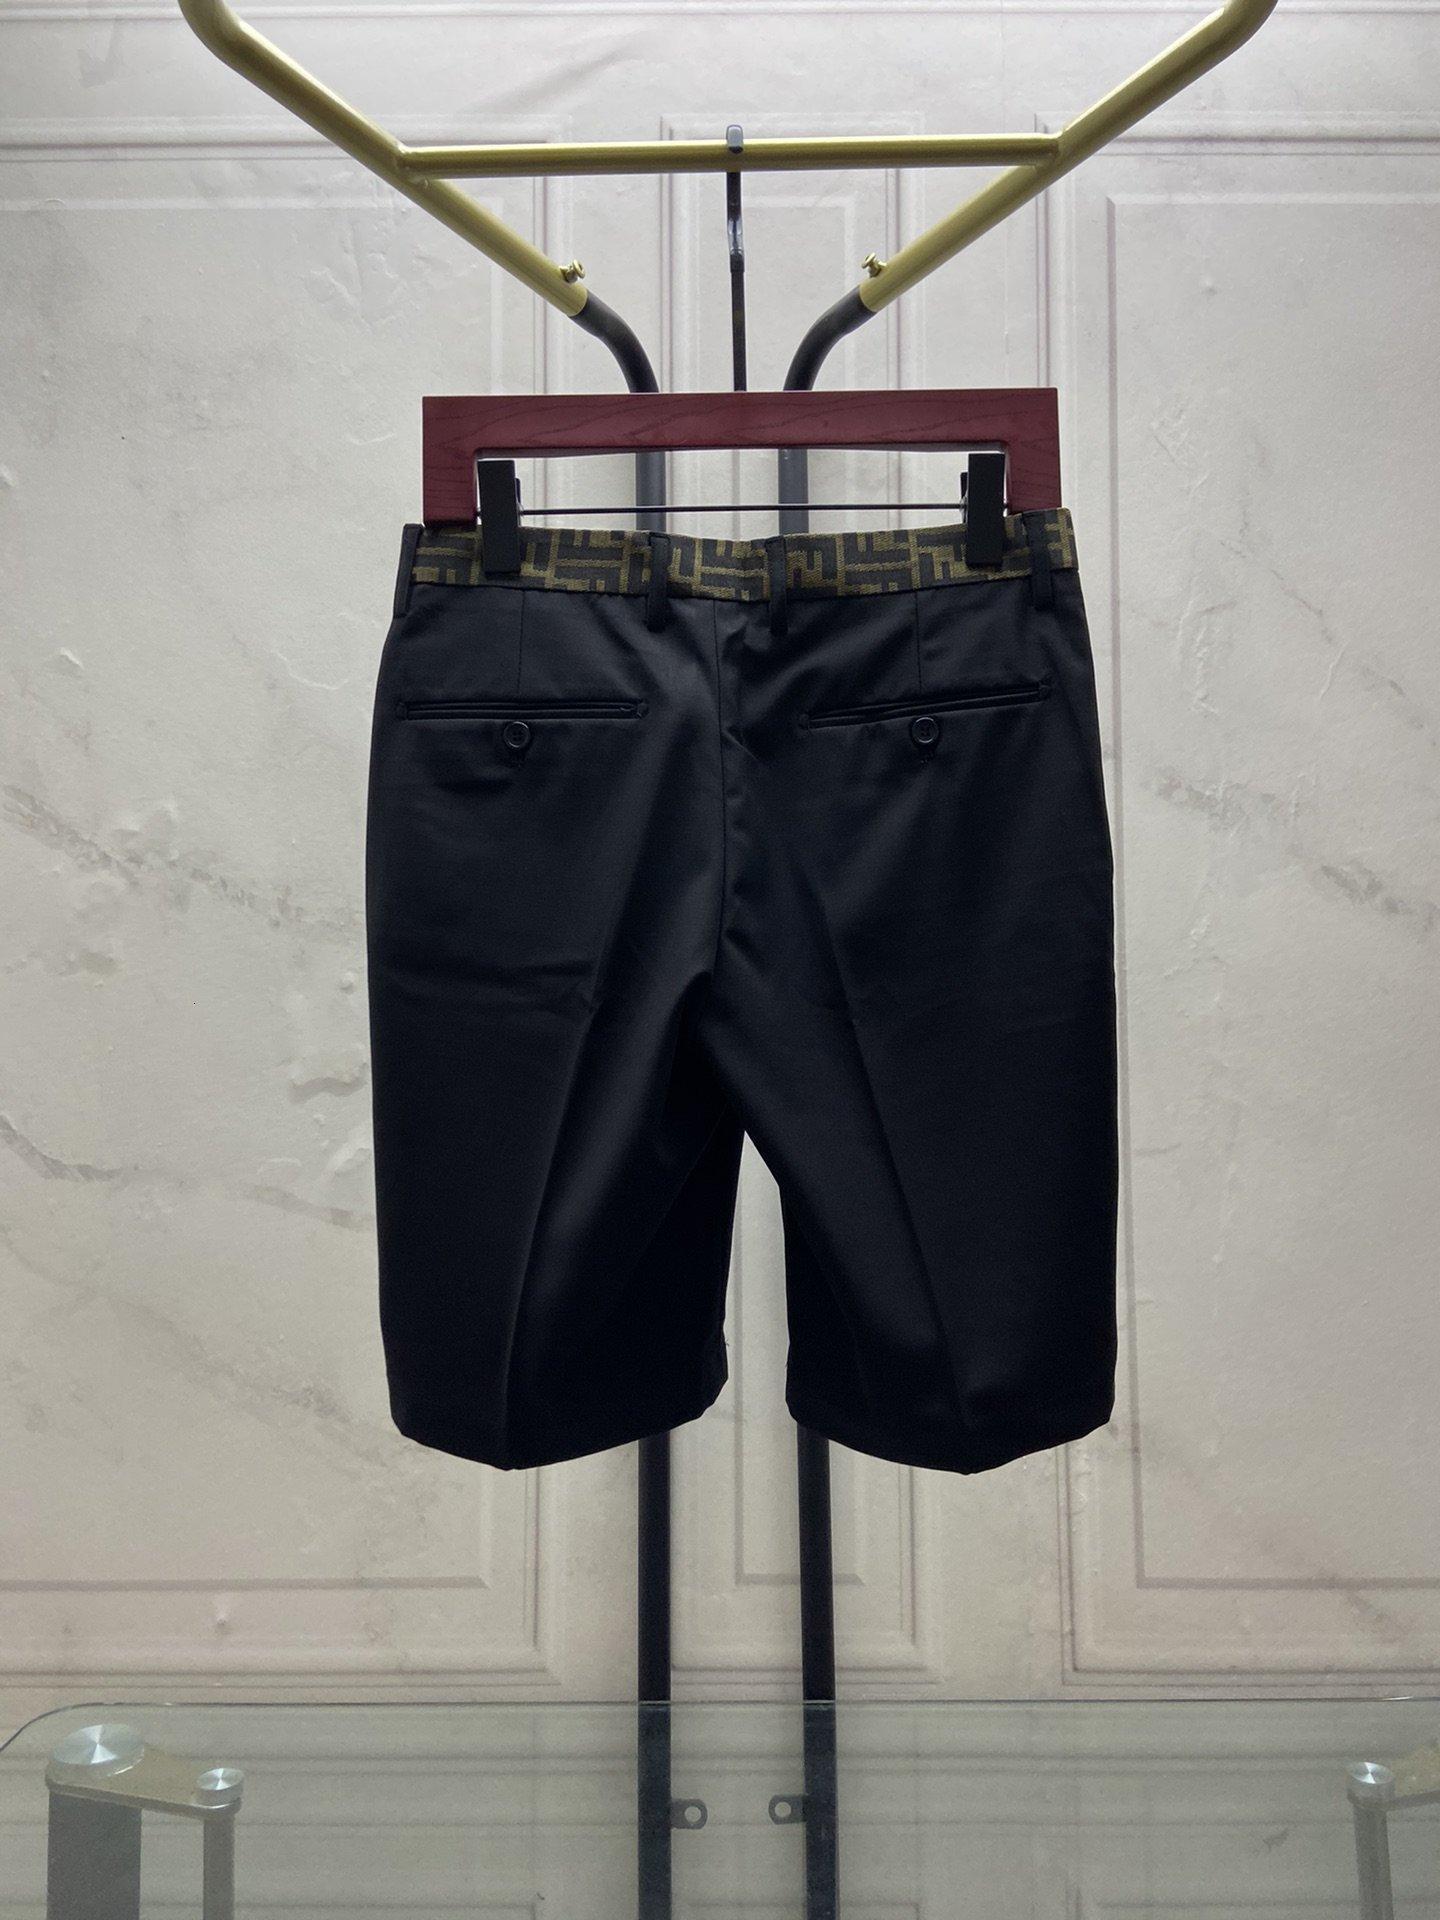 Designer Herrenbekleidung T-Shirt der Männer Favorit die neue Auflistung gehetzten neuen bester Verkauf Frühjahr einfach gut aussehenden klassischen schön X5RC